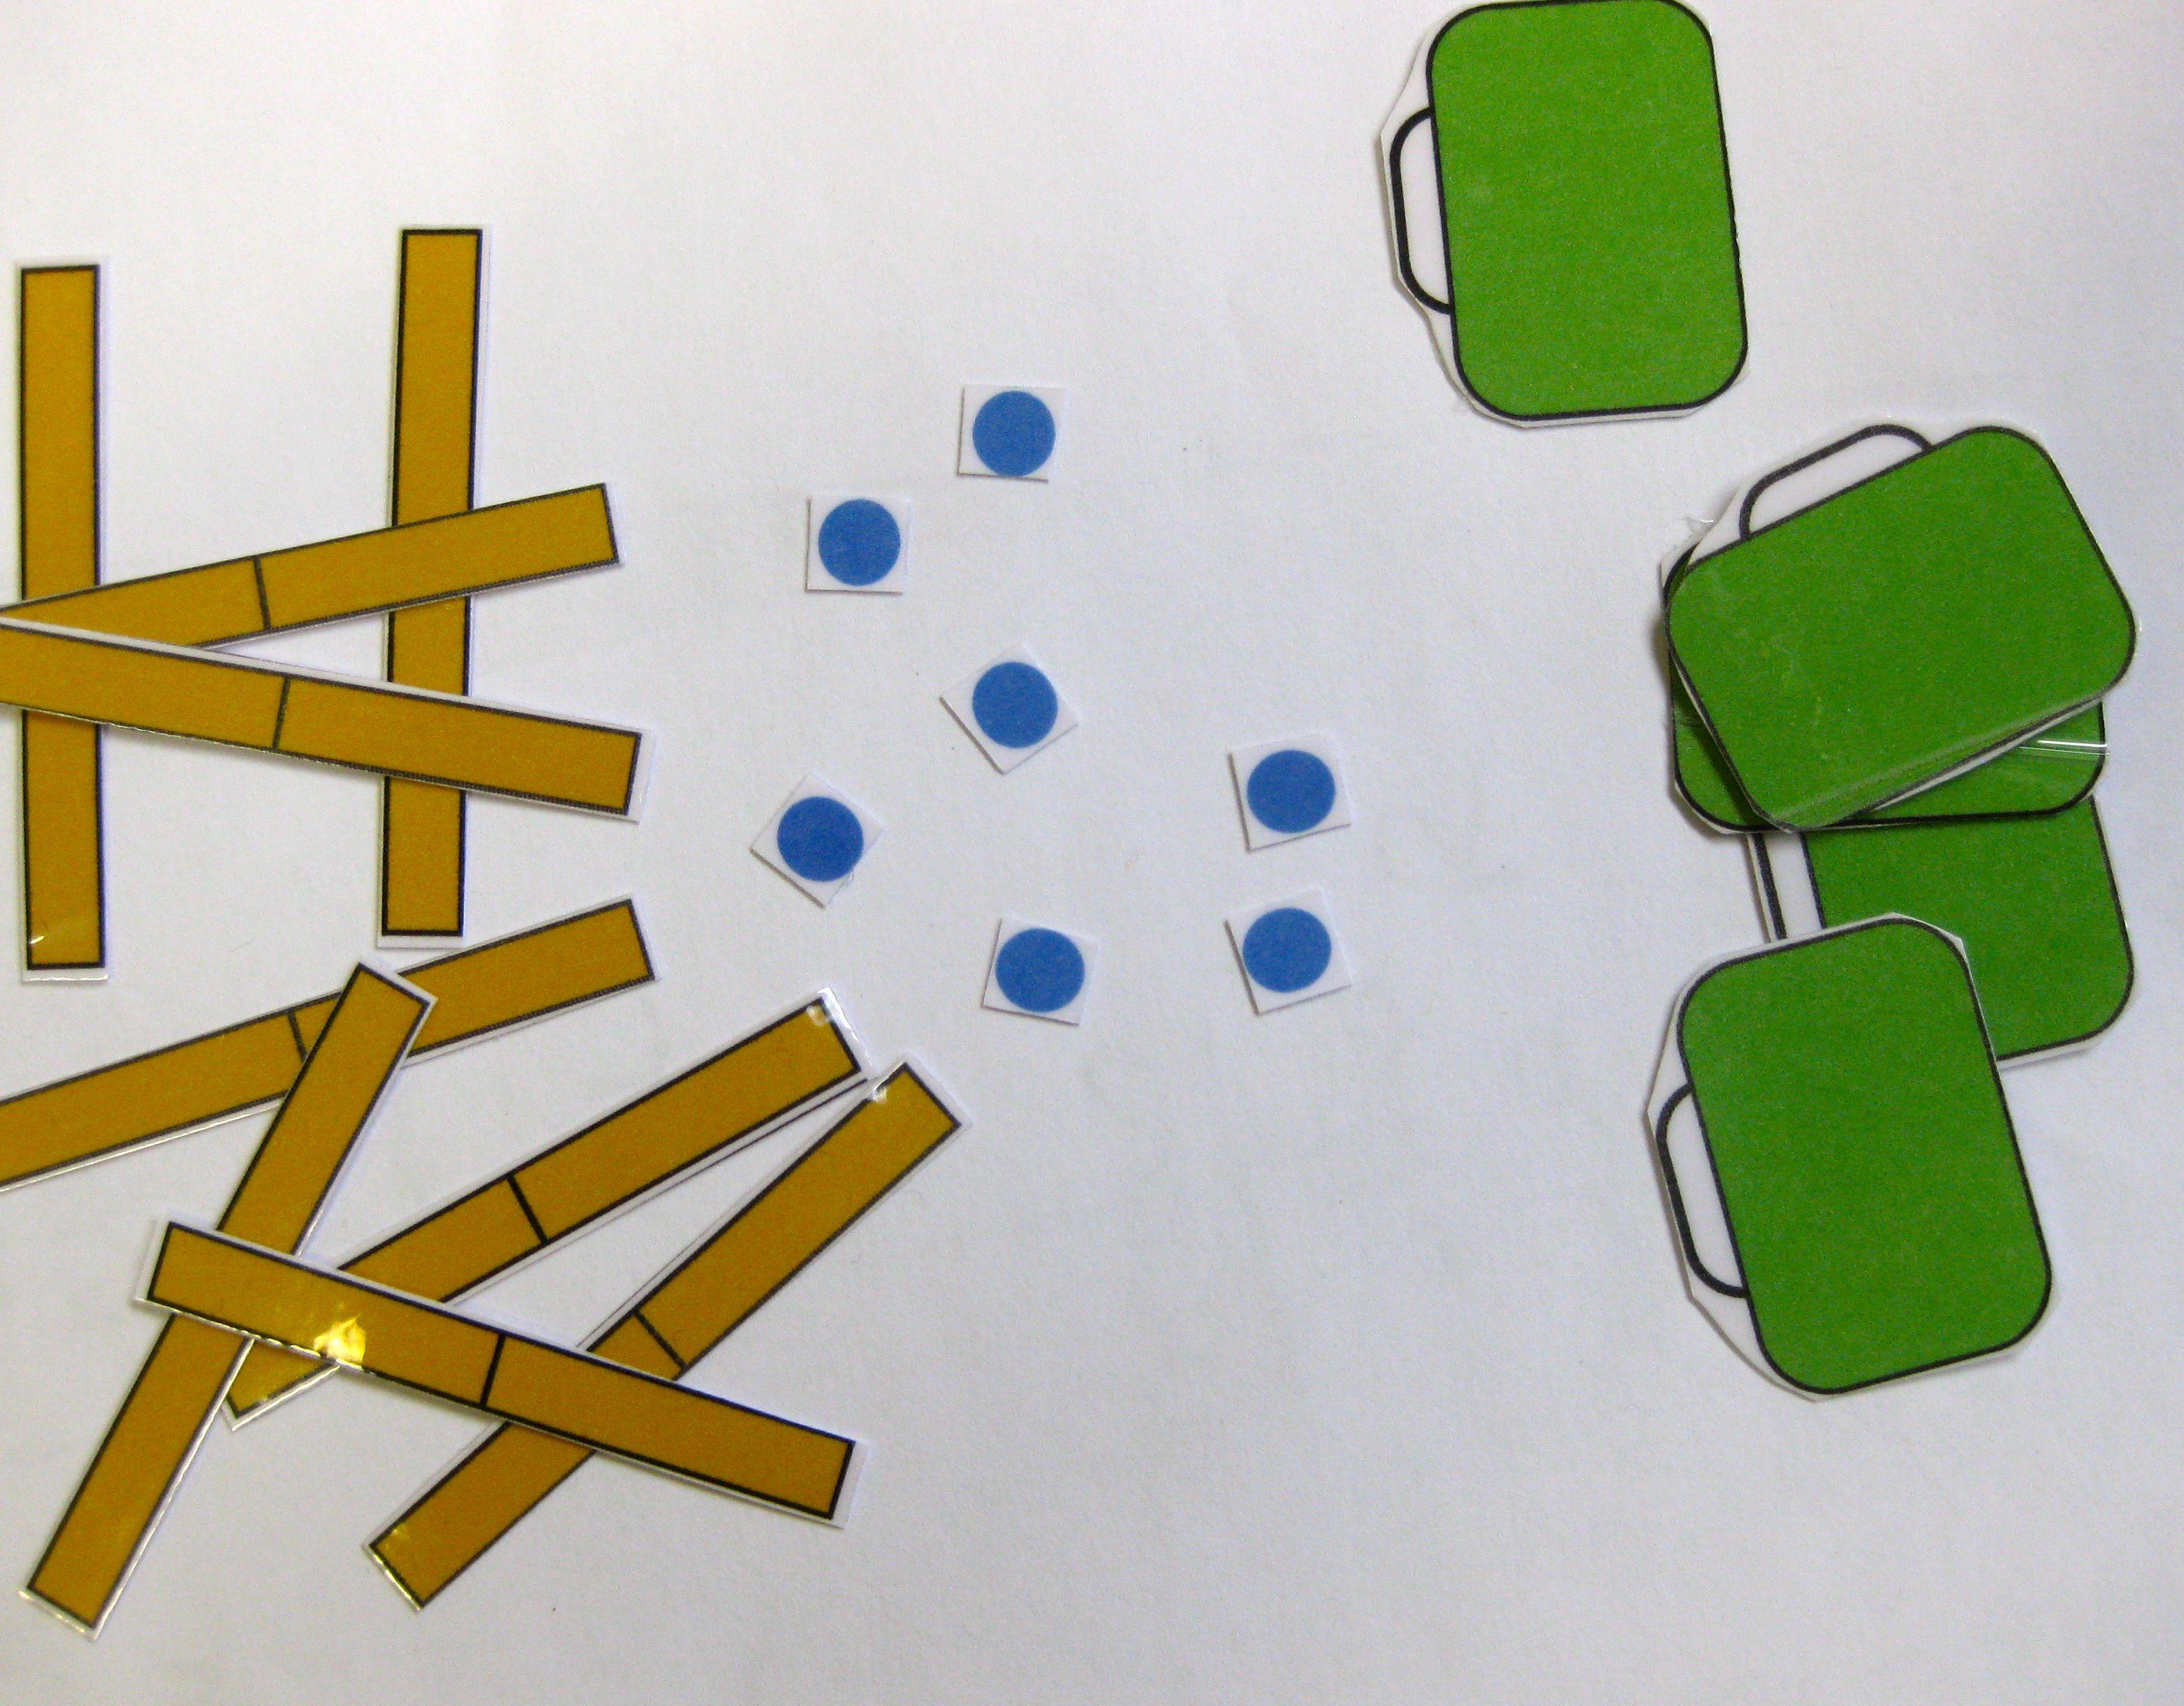 Manip - Matériel Picbille   Picbille, Apprendre les maths ...